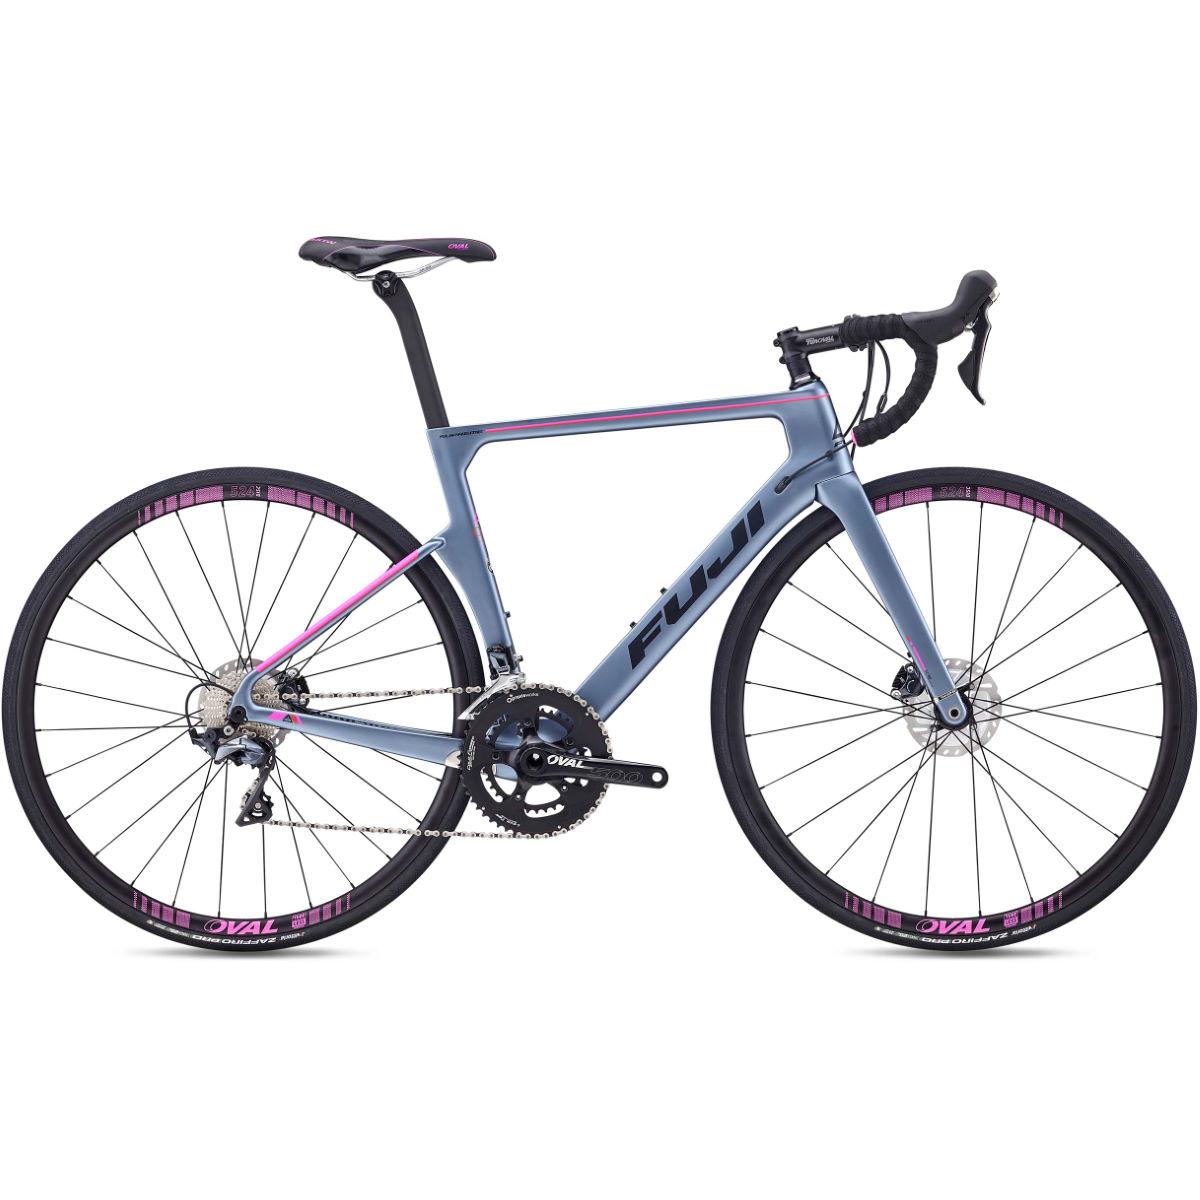 Fuji Supreme 2.3 2020 Bikes